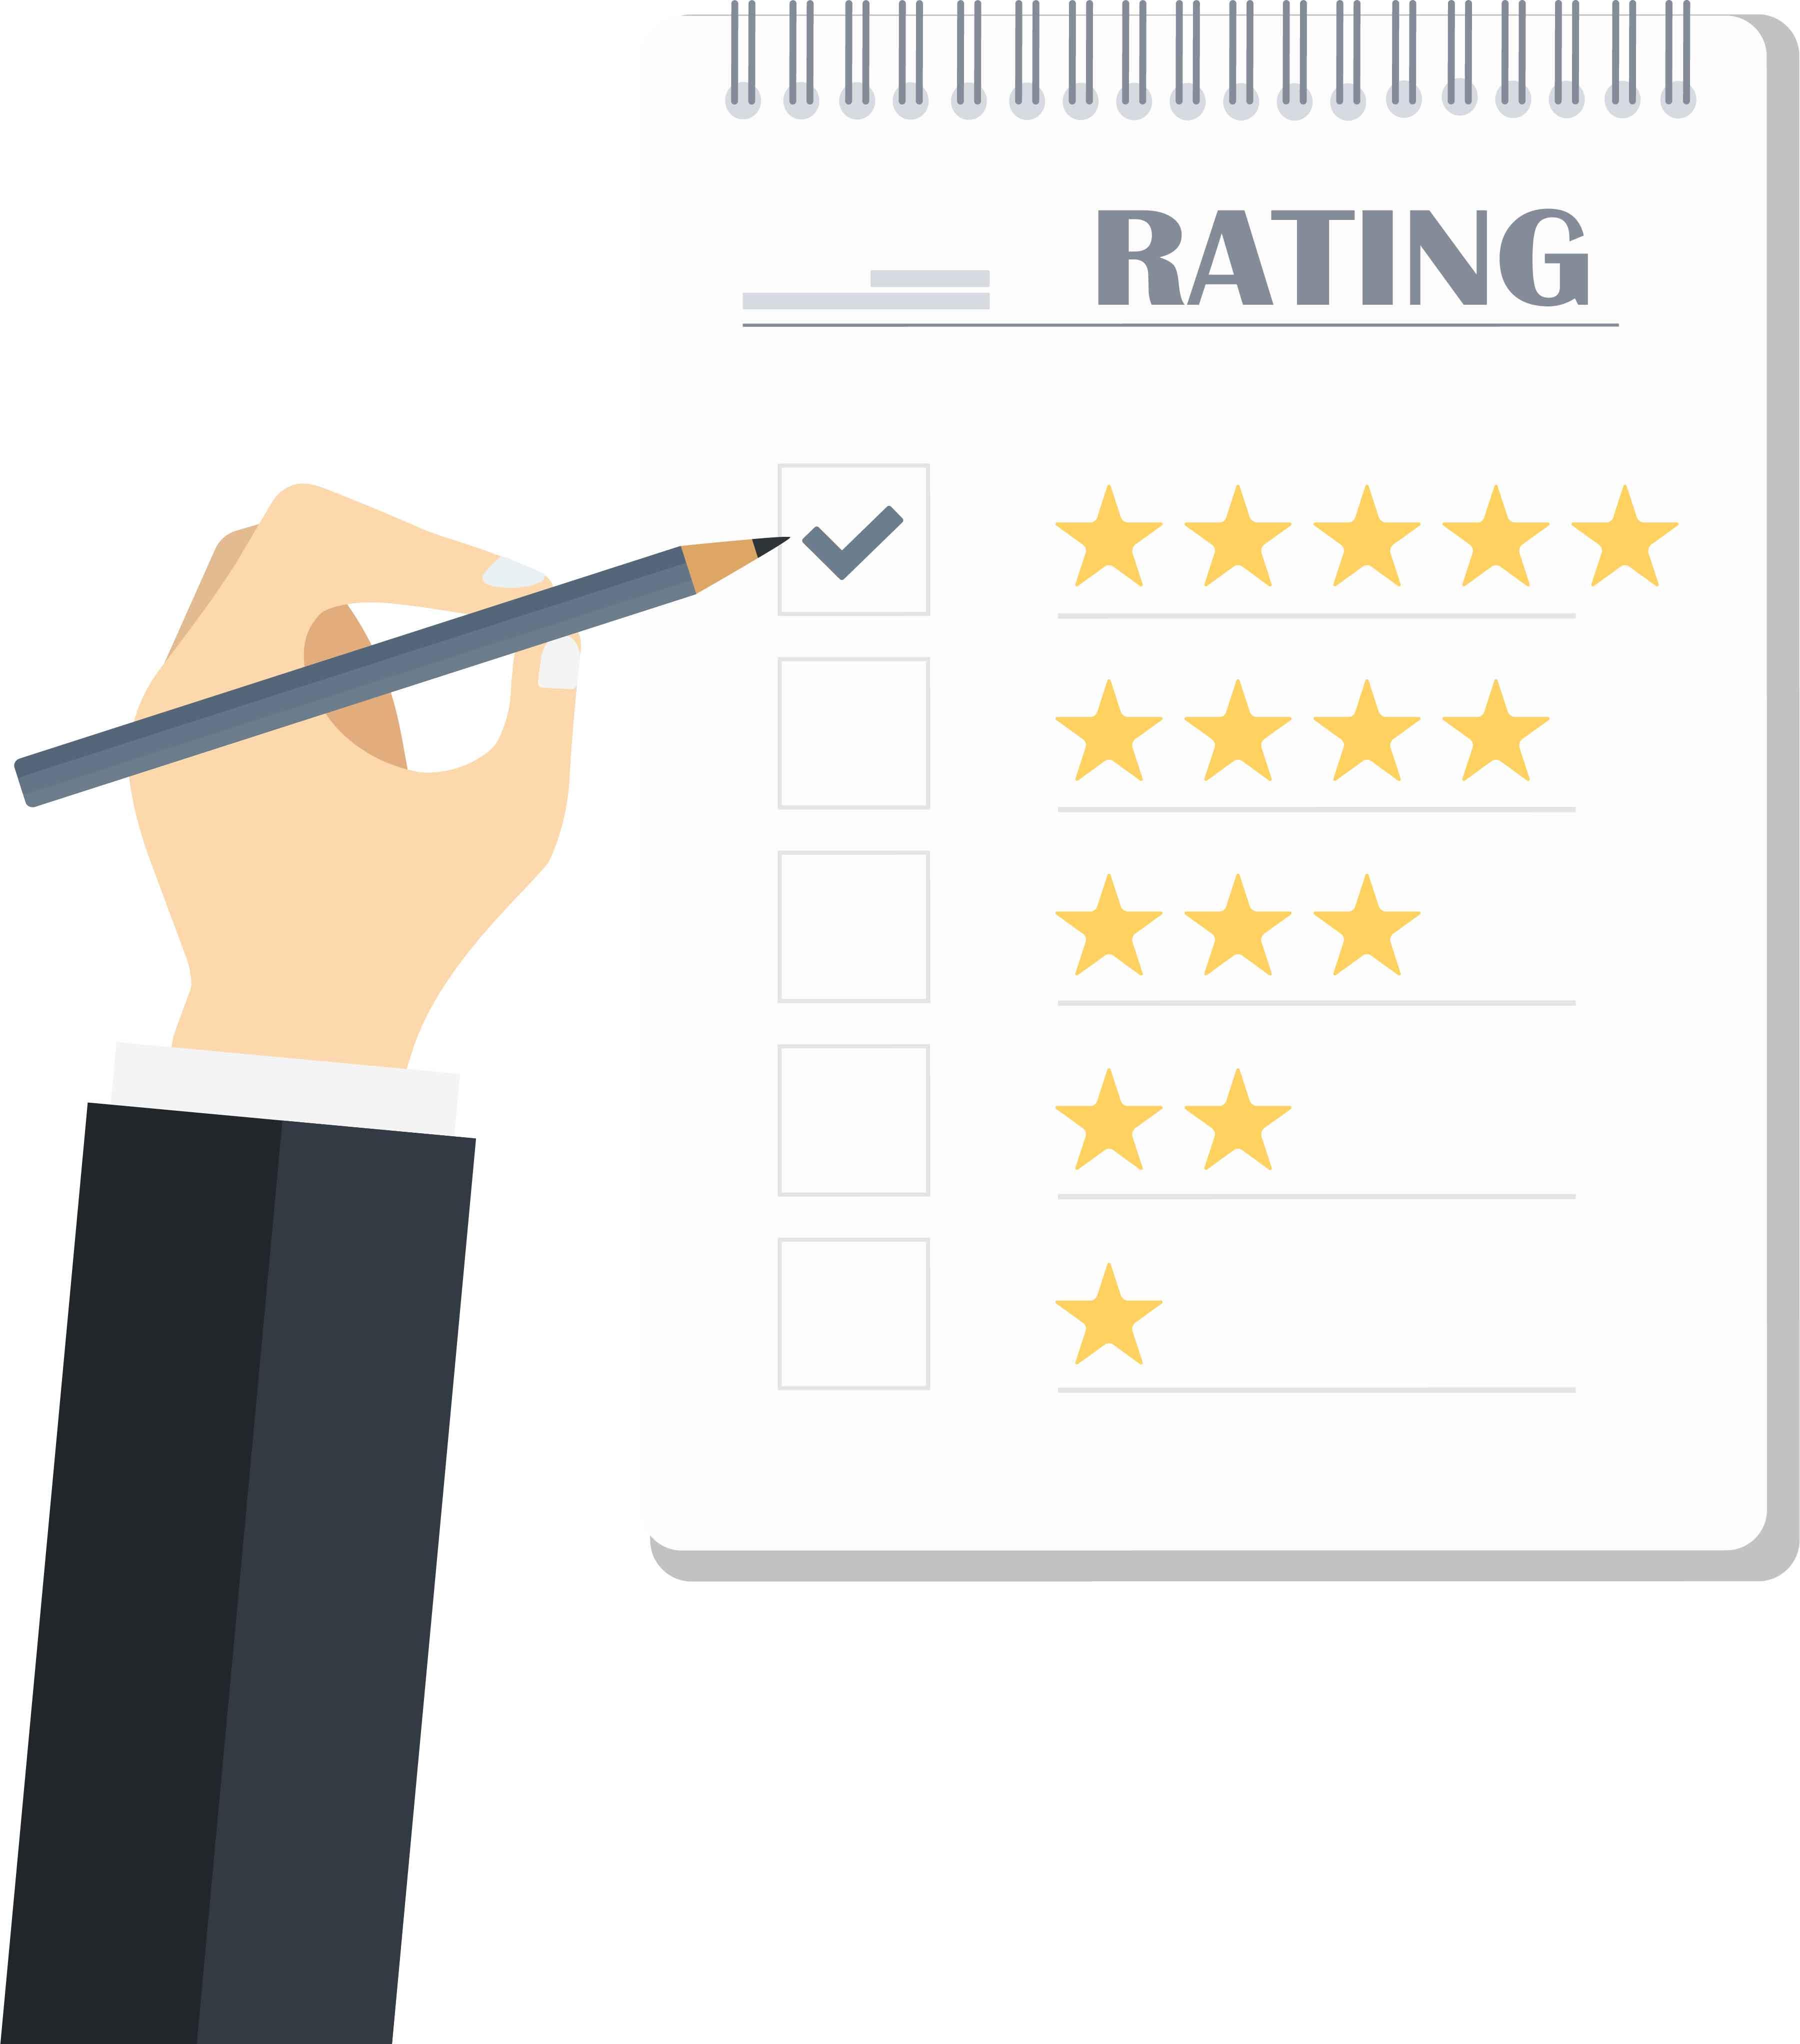 ציון האיכות חשוב לדירוג מודעות הפרסום שלך בגוגל.